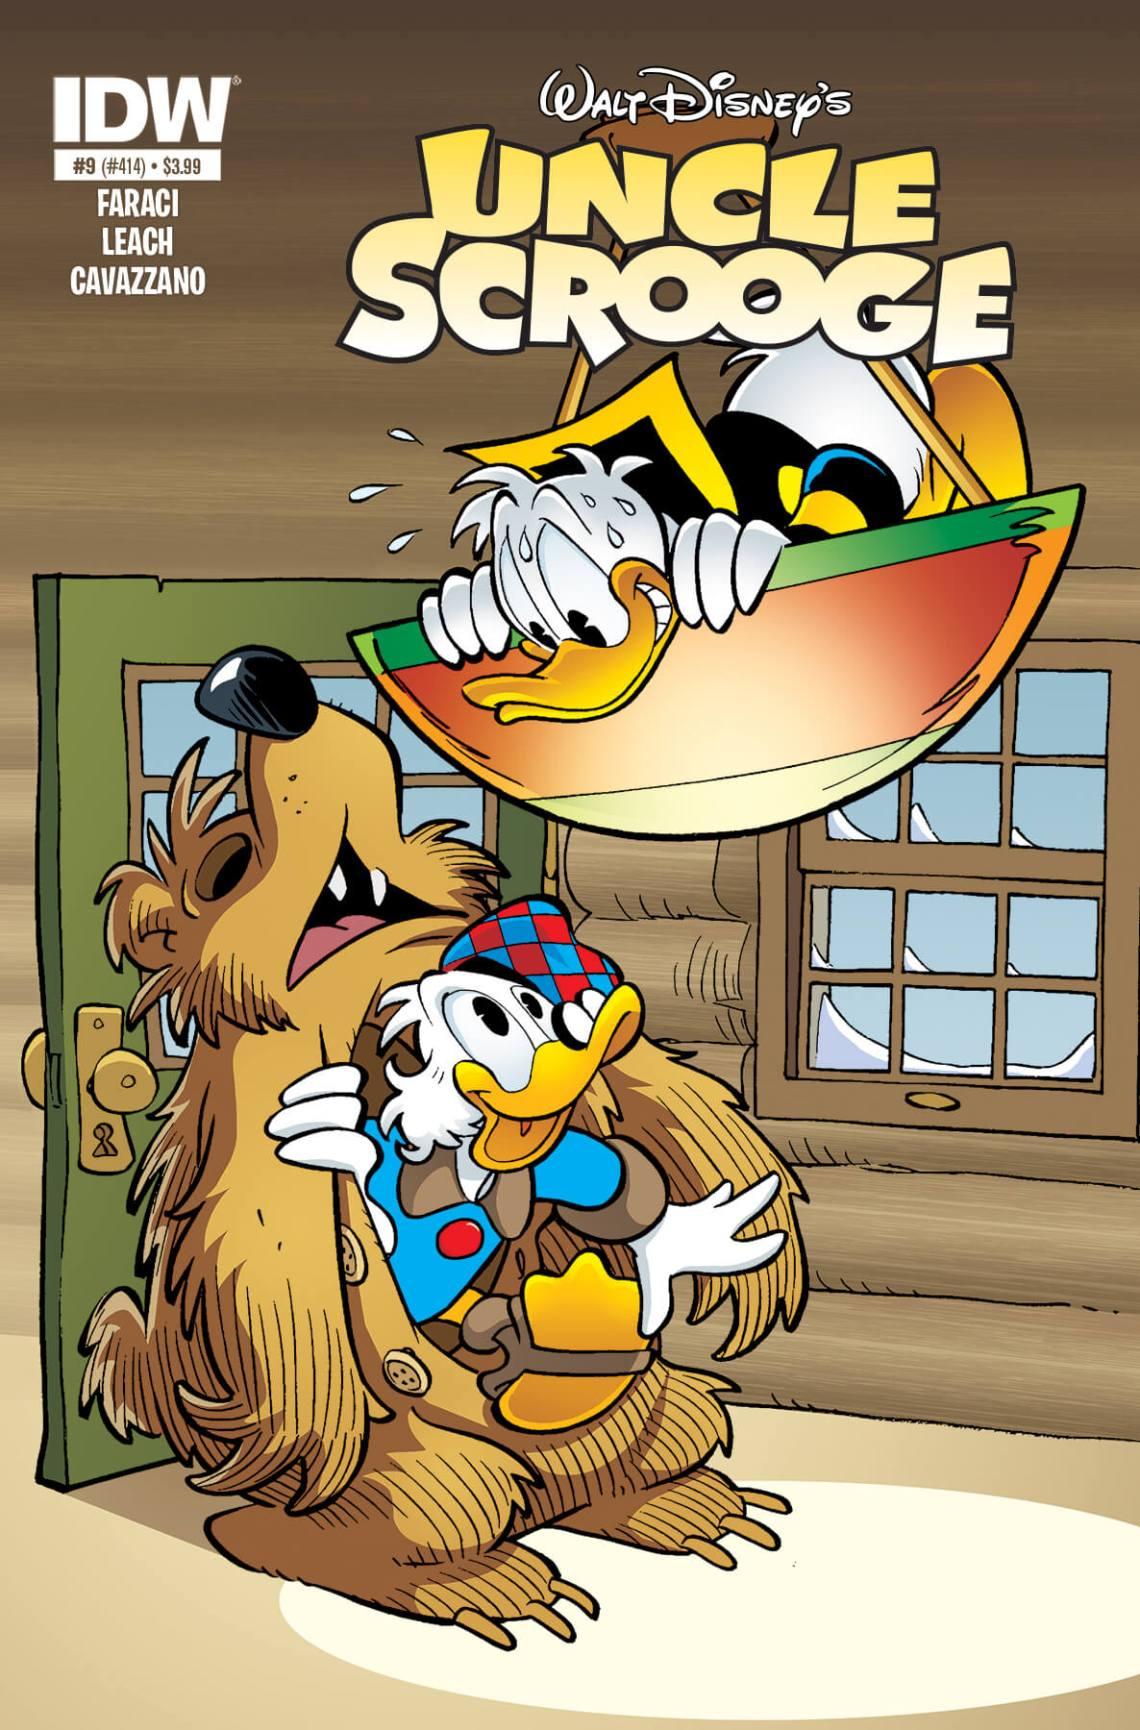 Scrooge09_cvr-MOCKONLY